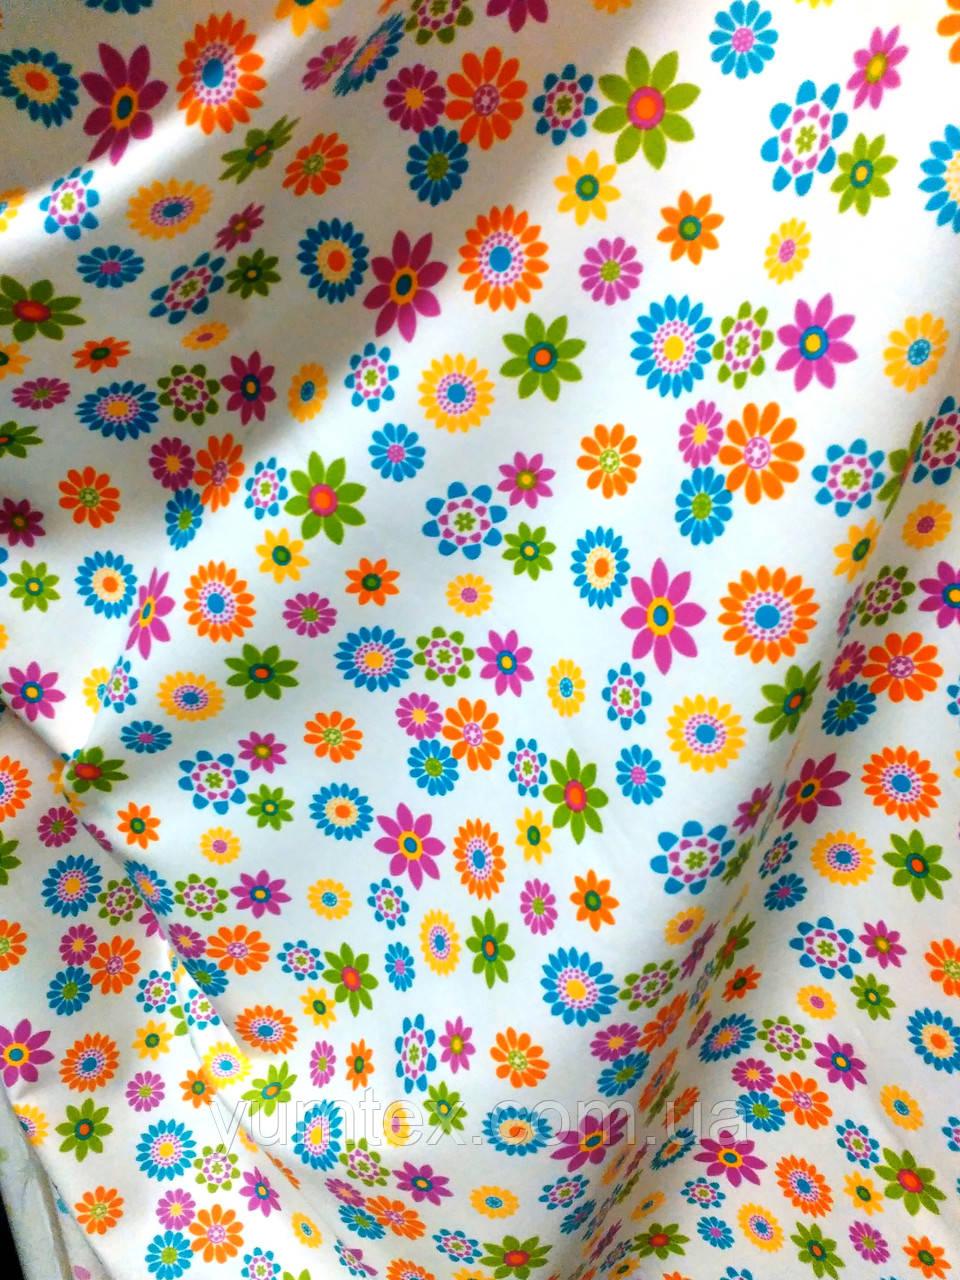 Ткань хлопковая мелкие цветочки, фон молочный